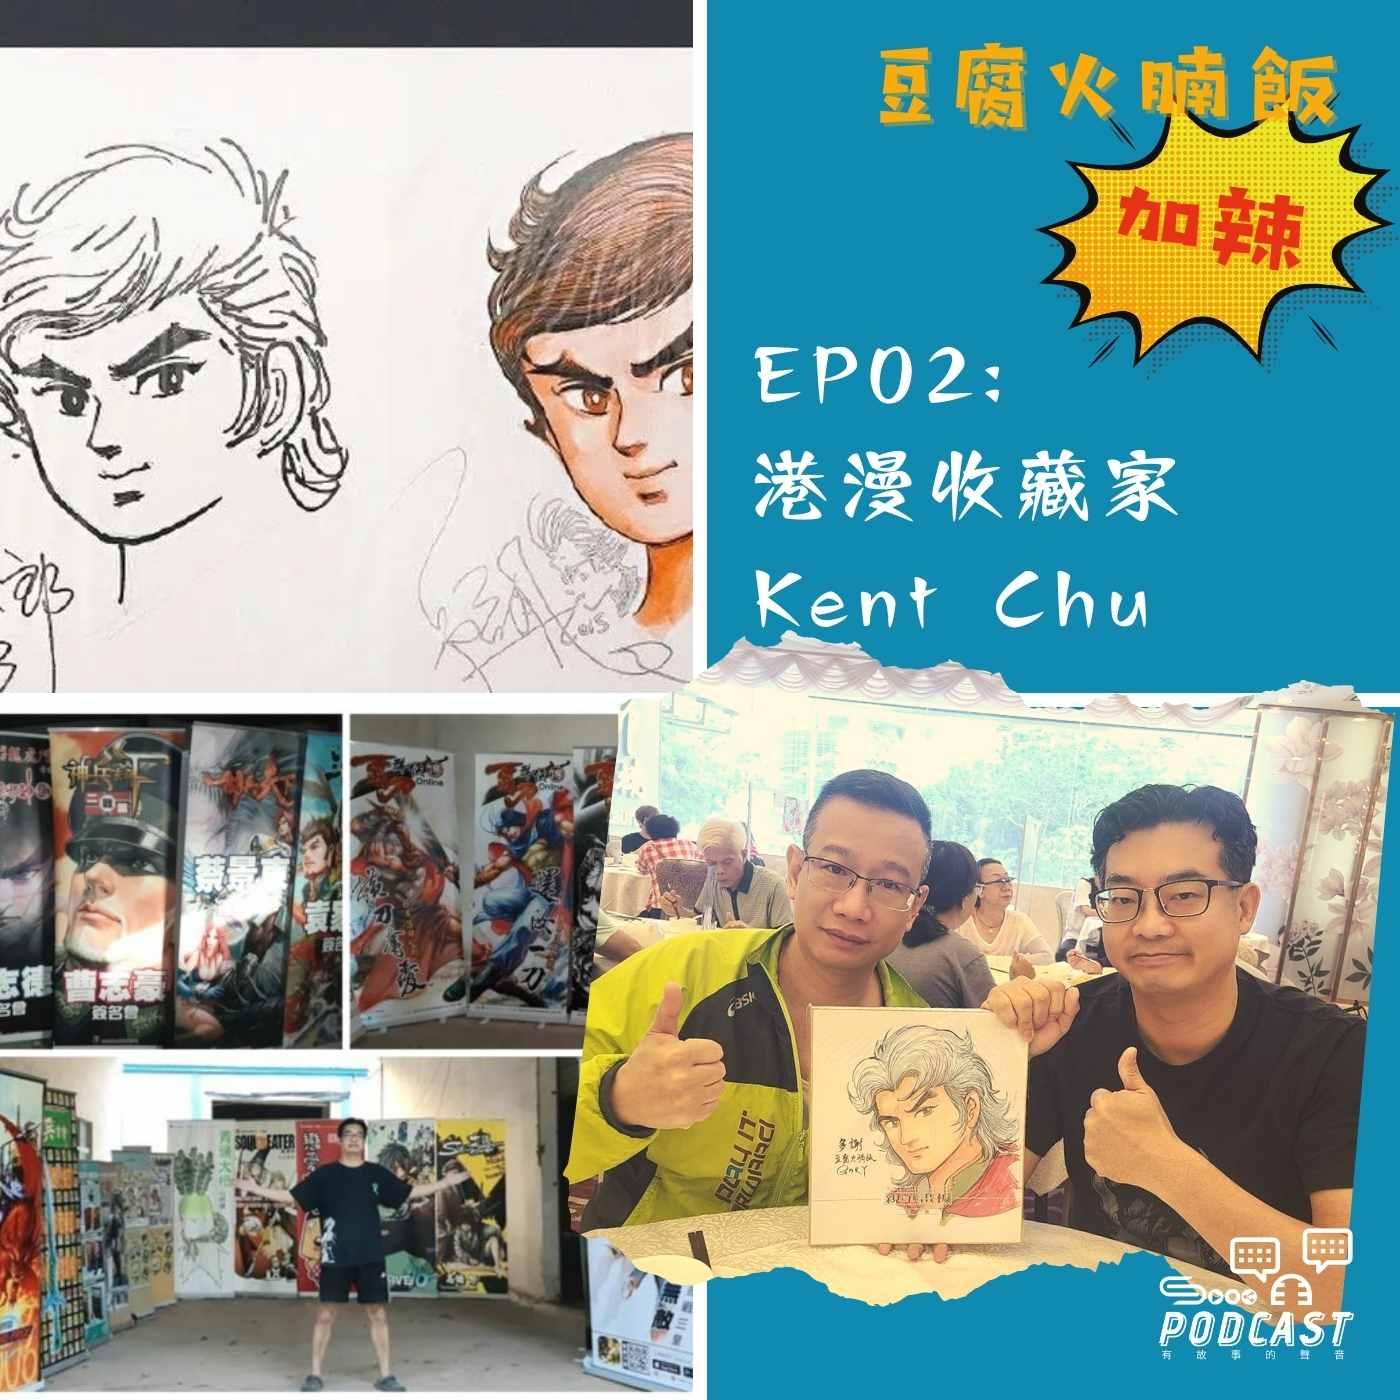 【港漫 Gary】EP02 豆腐火腩飯加辣 - 港漫收藏家 Kent Chu